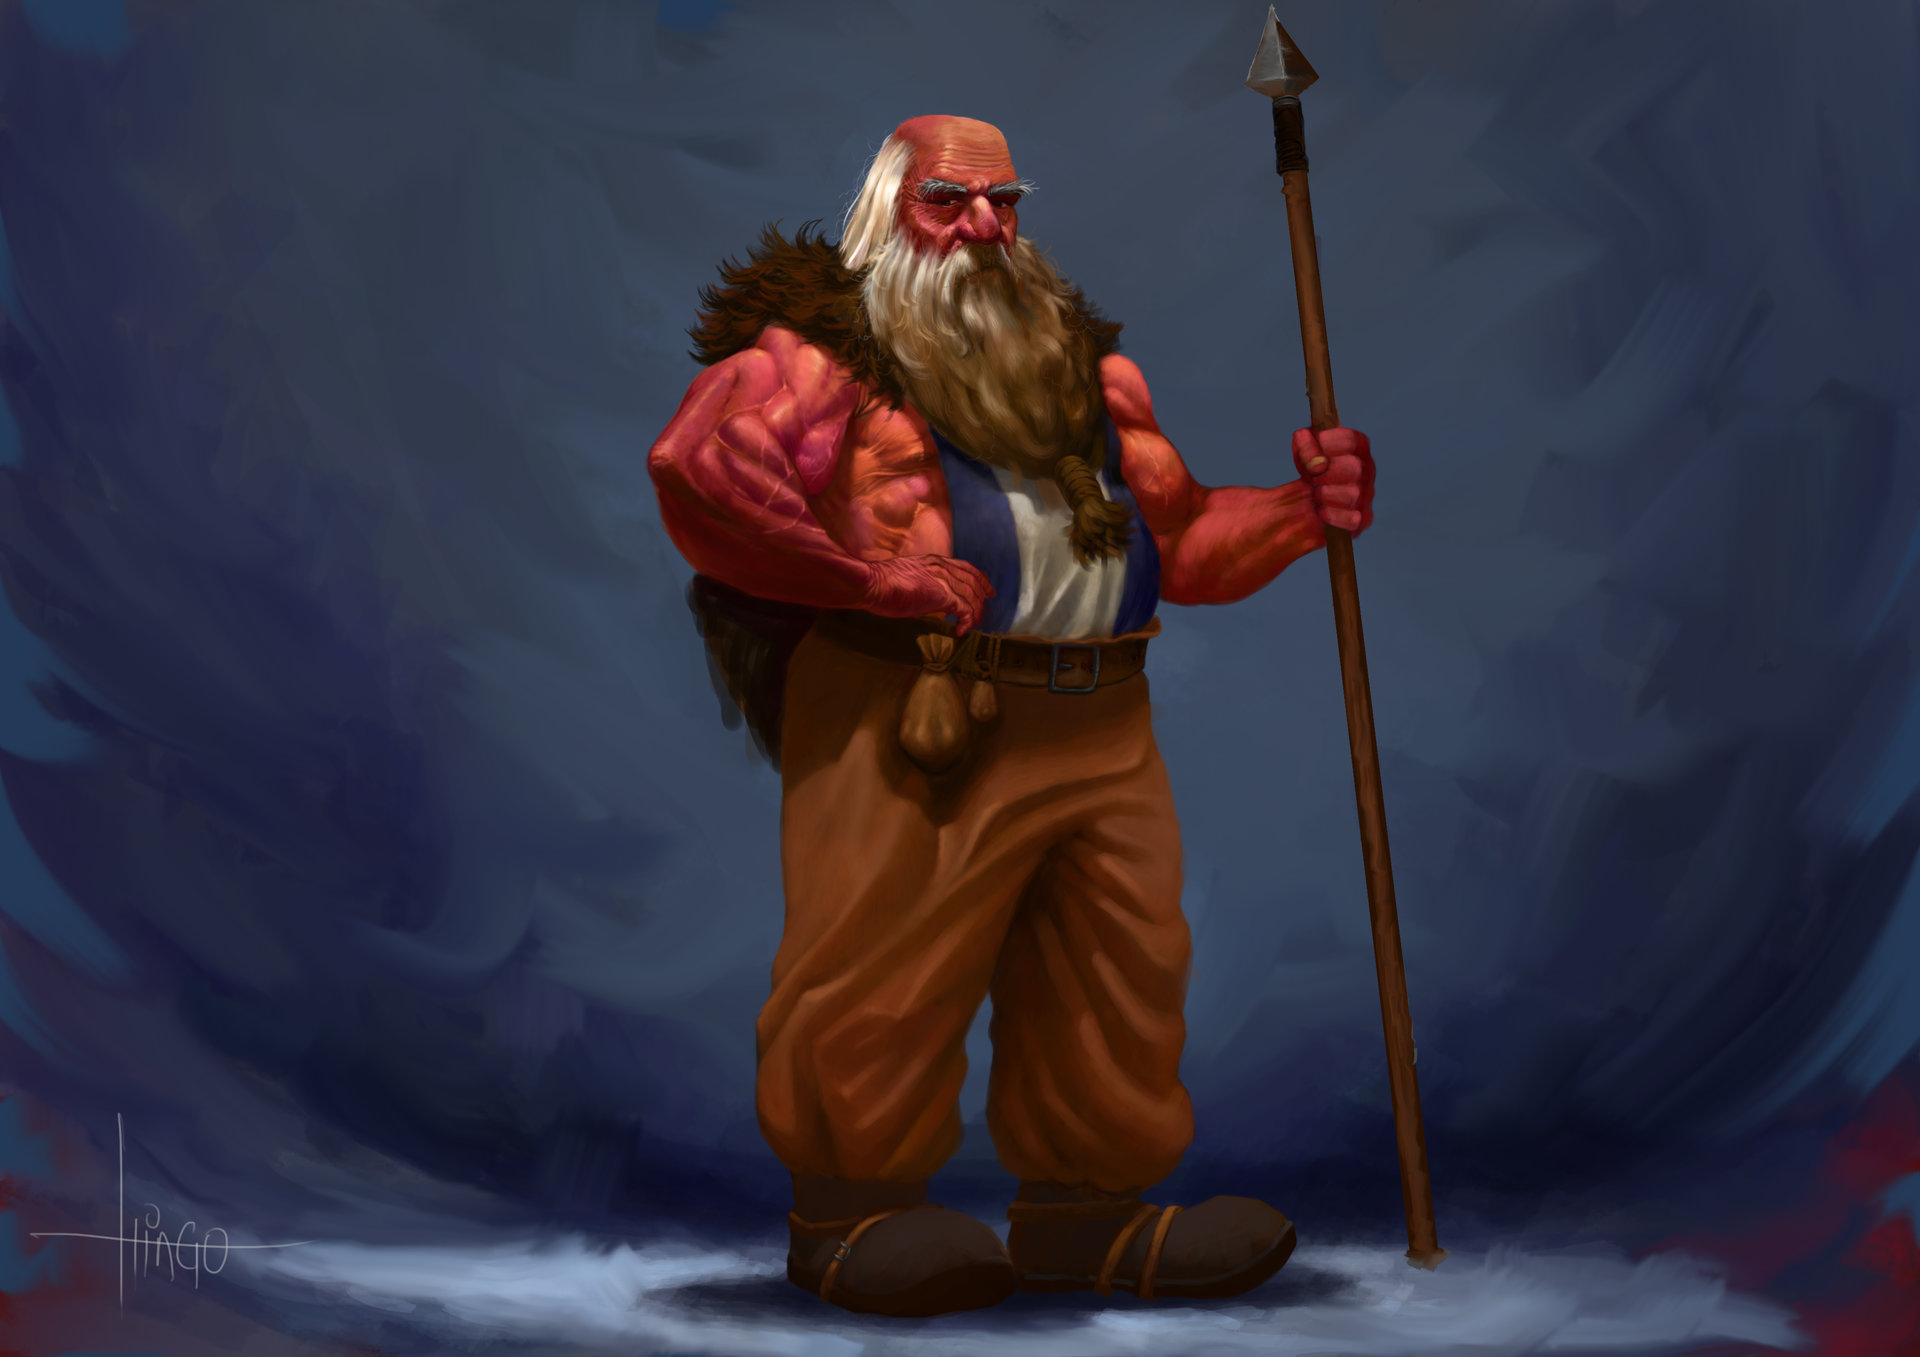 Thiago hellinger dwarf wip4 final